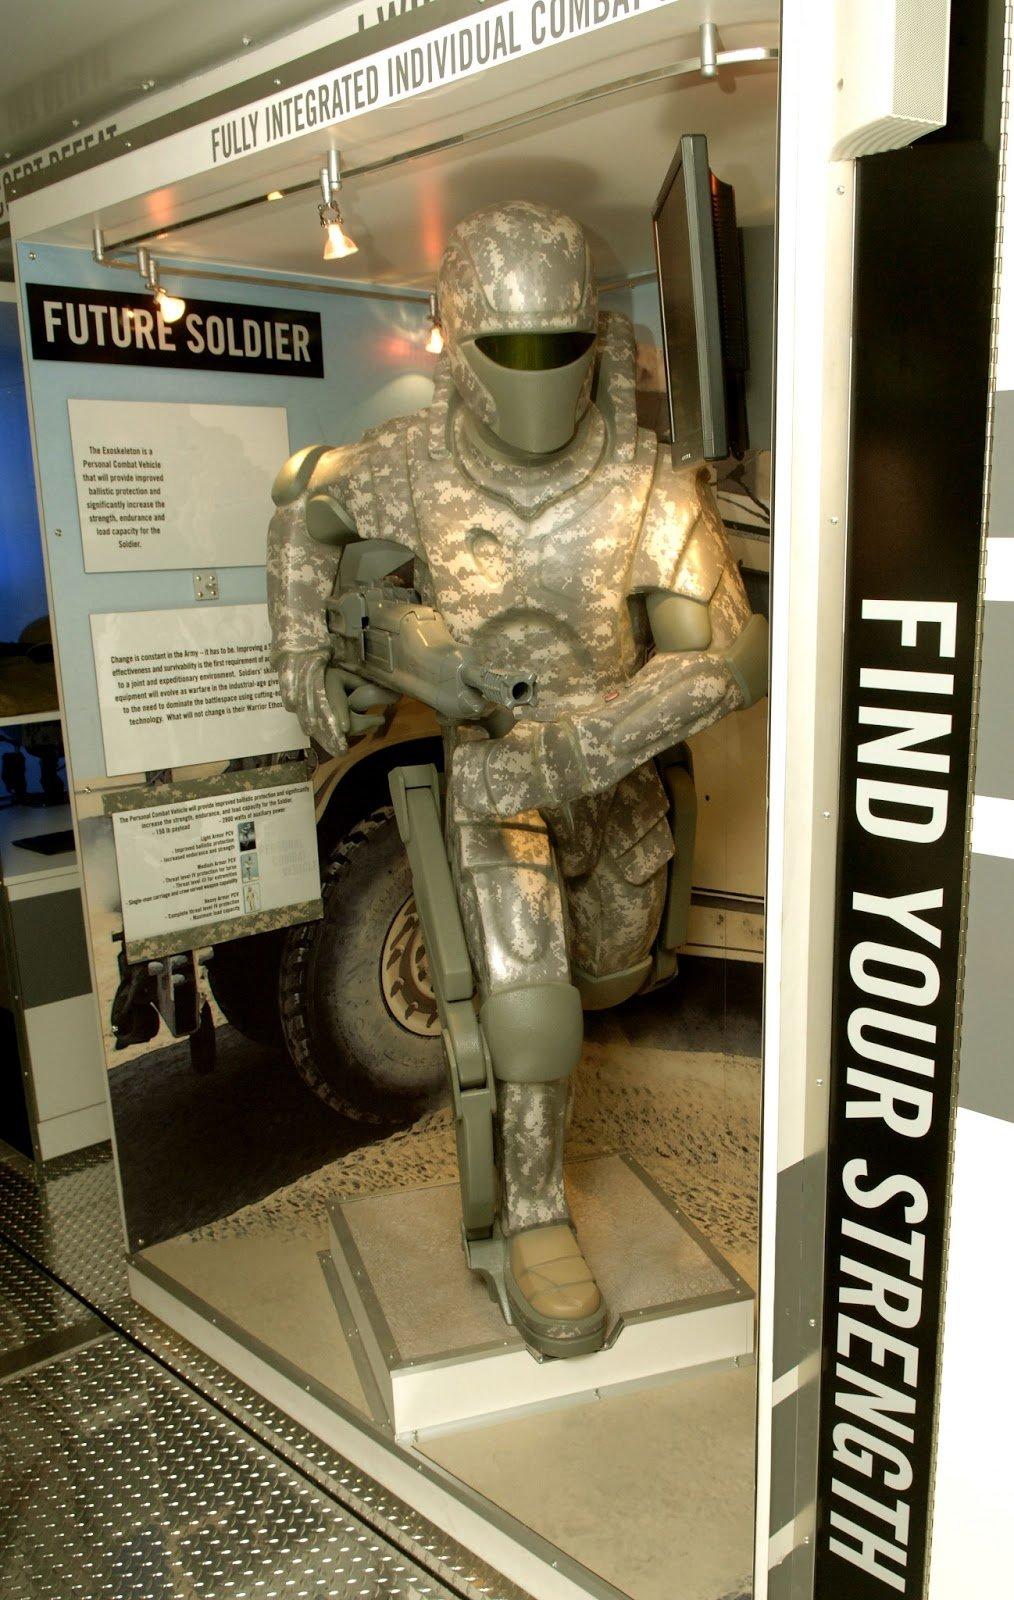 У армии США появятся прототипы Железного человека - Изображение 1